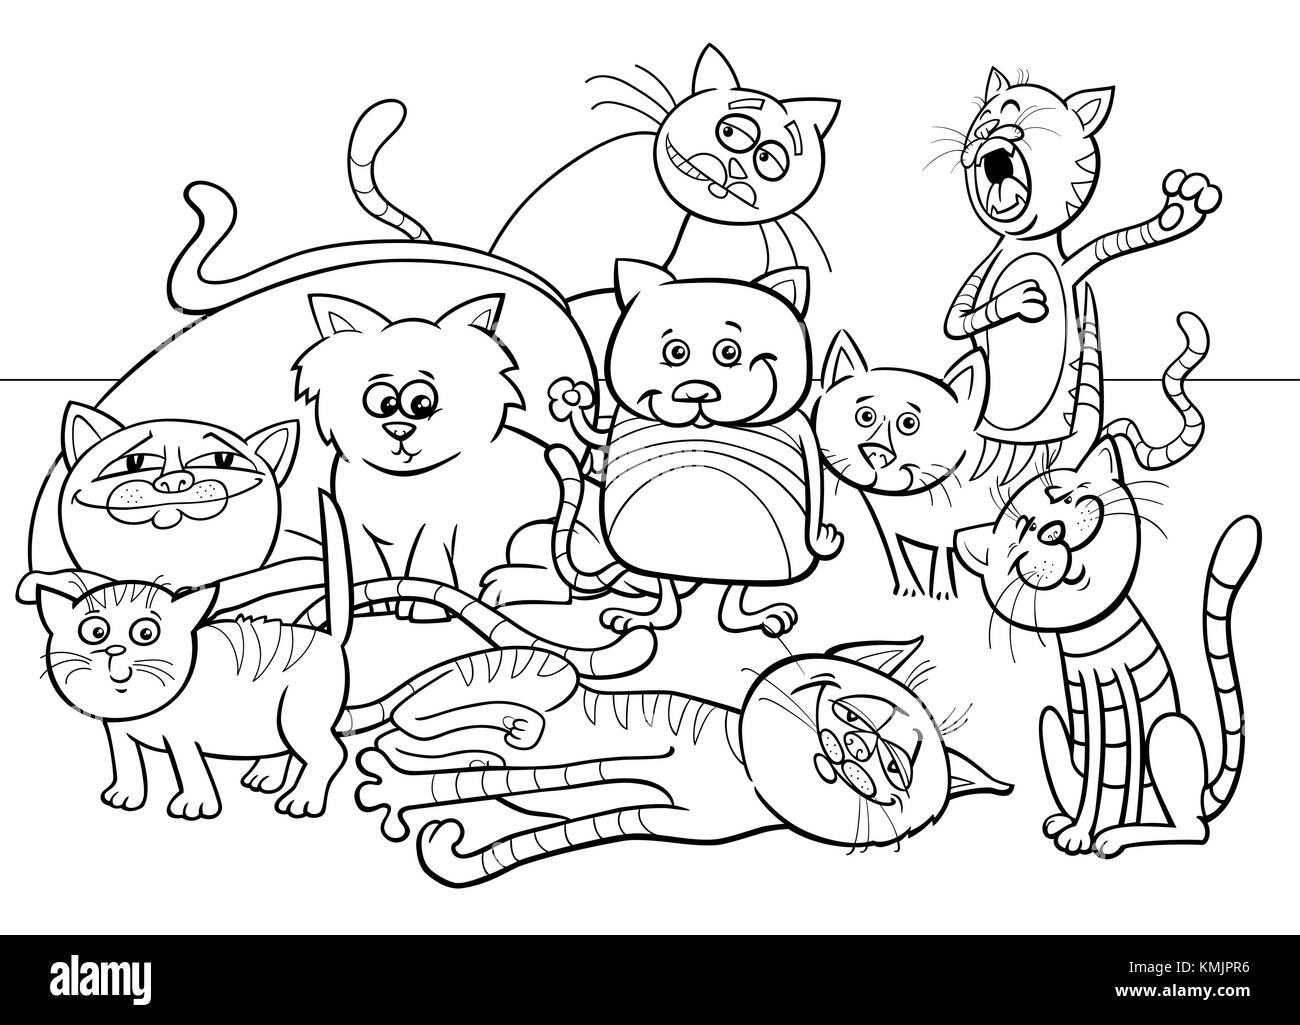 Bianco E Nero Libro Da Colorare Cartoon Illustrazione Di Divertenti